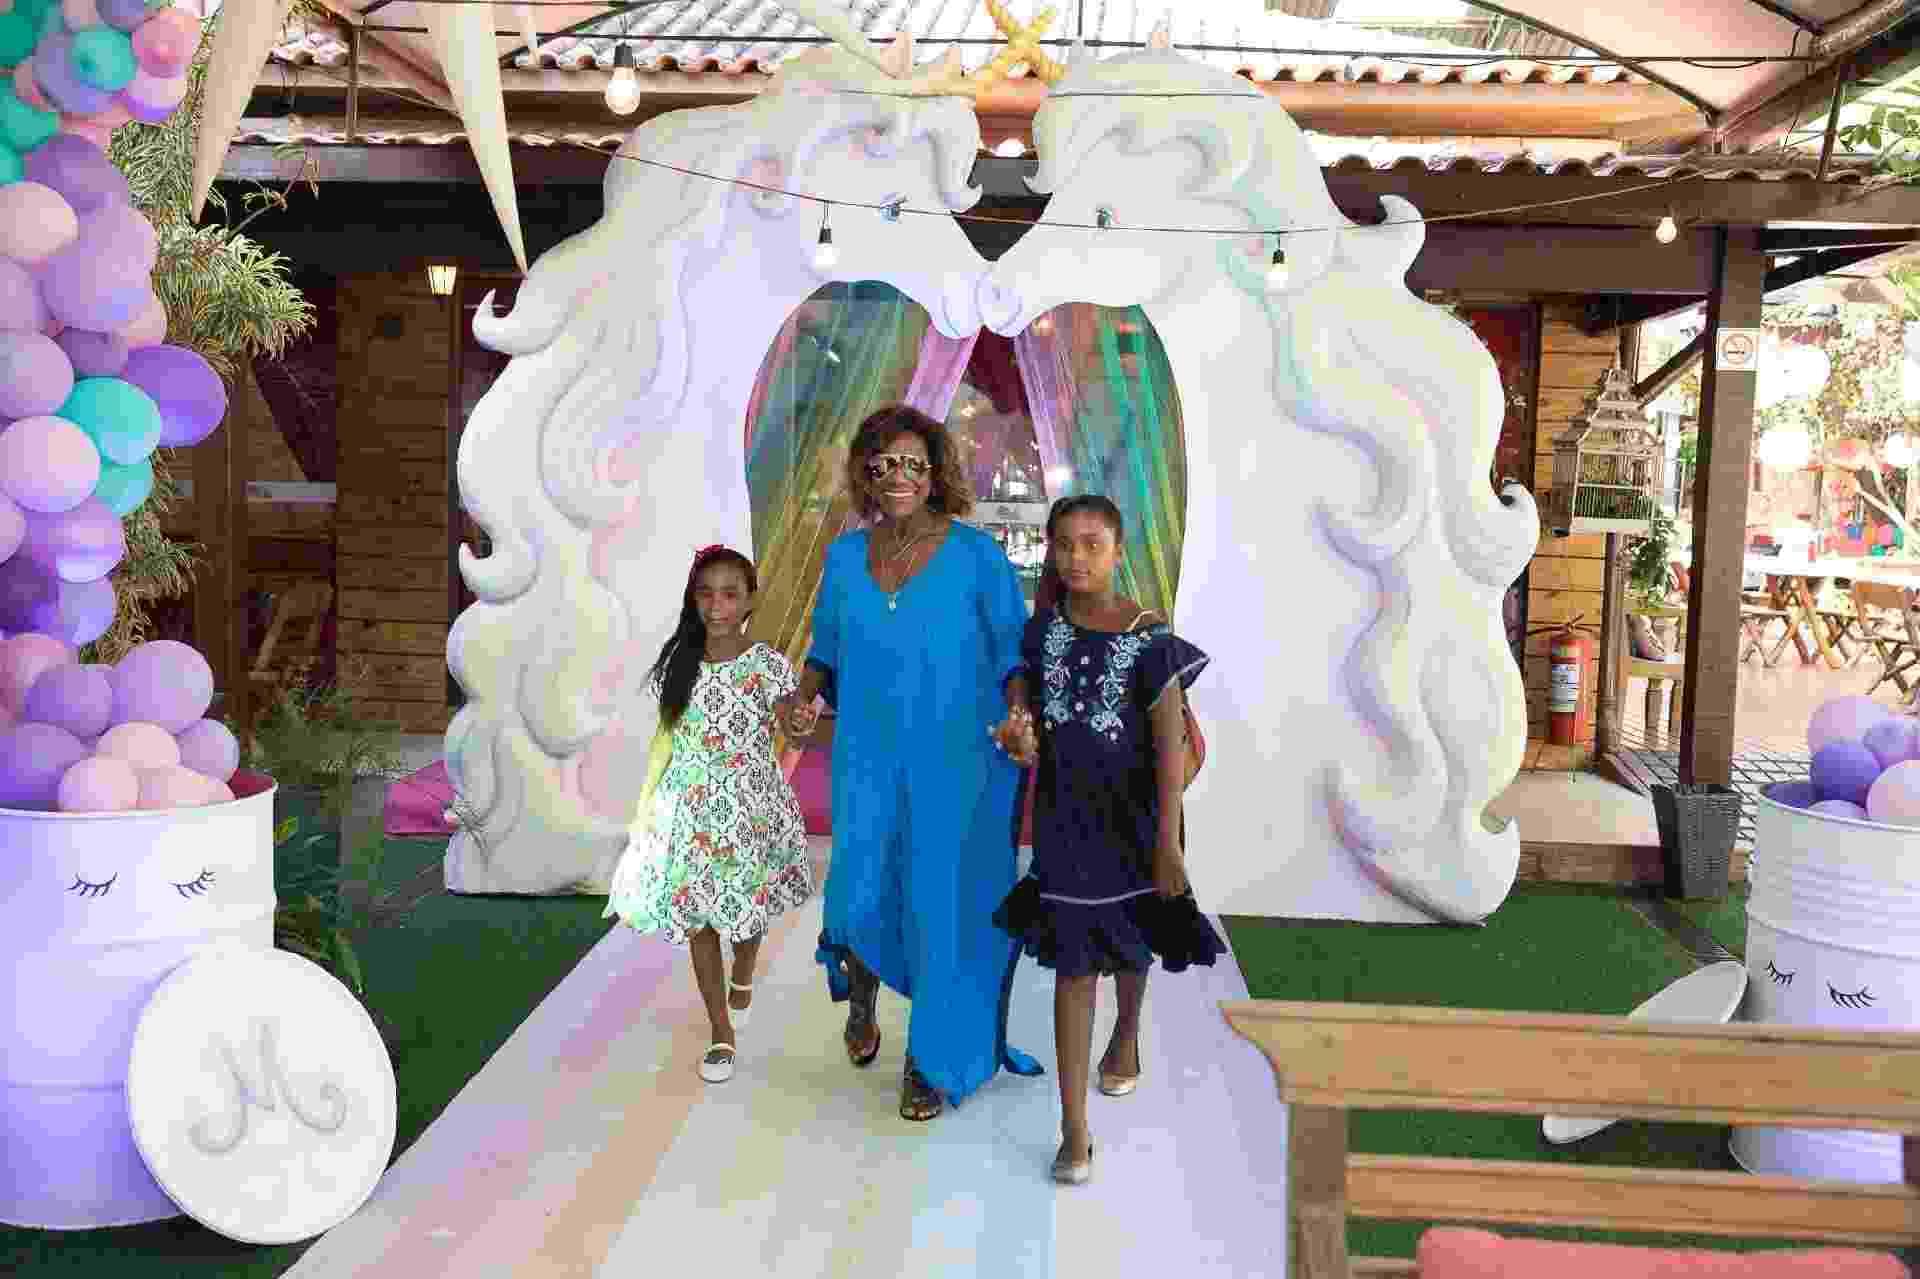 """Com o tema """"unicórnio"""", Glória Maria comemorou o aniversário das filhas, Maria e Laura. A festa ocorreu no Centro Cultural Goiabeira Coisa e Tal, na Barrinha, uma das mais charmosas casas de festas na zona oeste do Rio de Janeiro  - Felipe Panfili/Divulgação"""